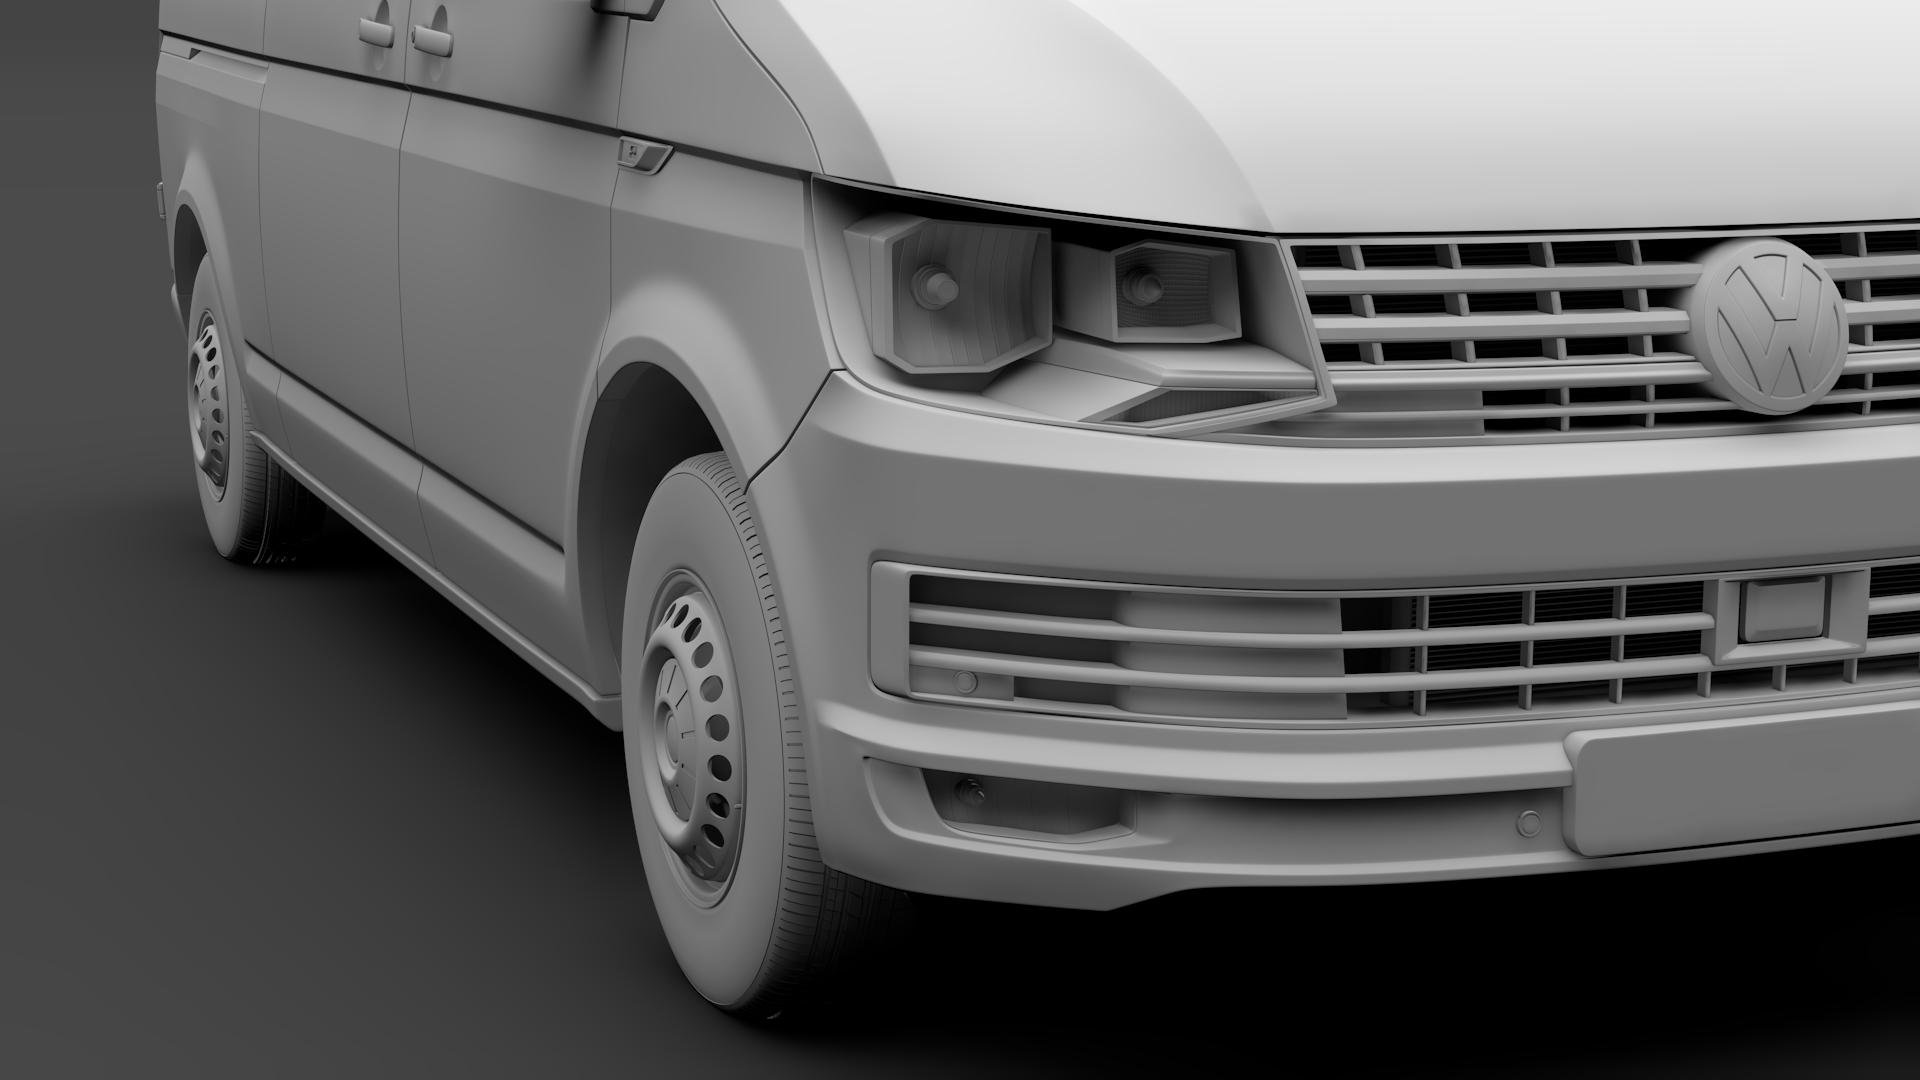 volkswagen transporter van l2h3 t6 2017 3d model max fbx c4d lwo ma mb hrc xsi obj 275301